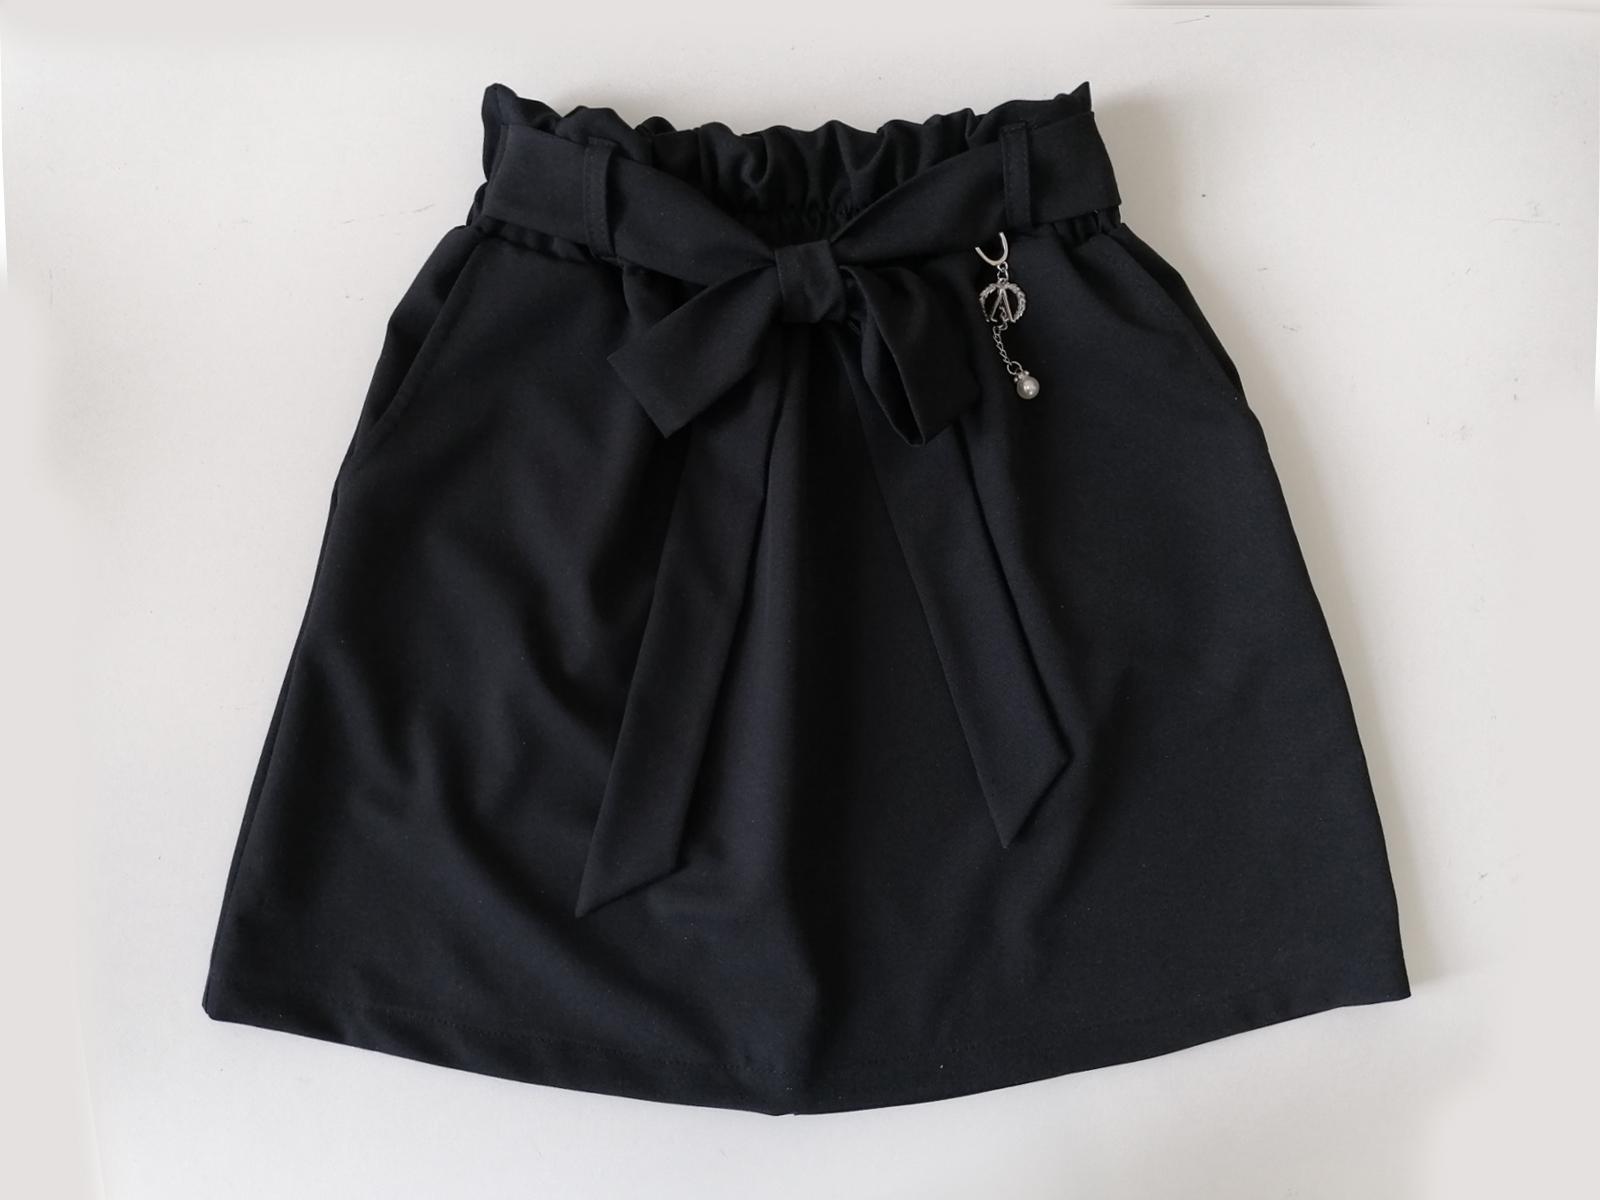 Спідниця для дівчинки з кишенями, шкільна, чорна Nice, SmileTime